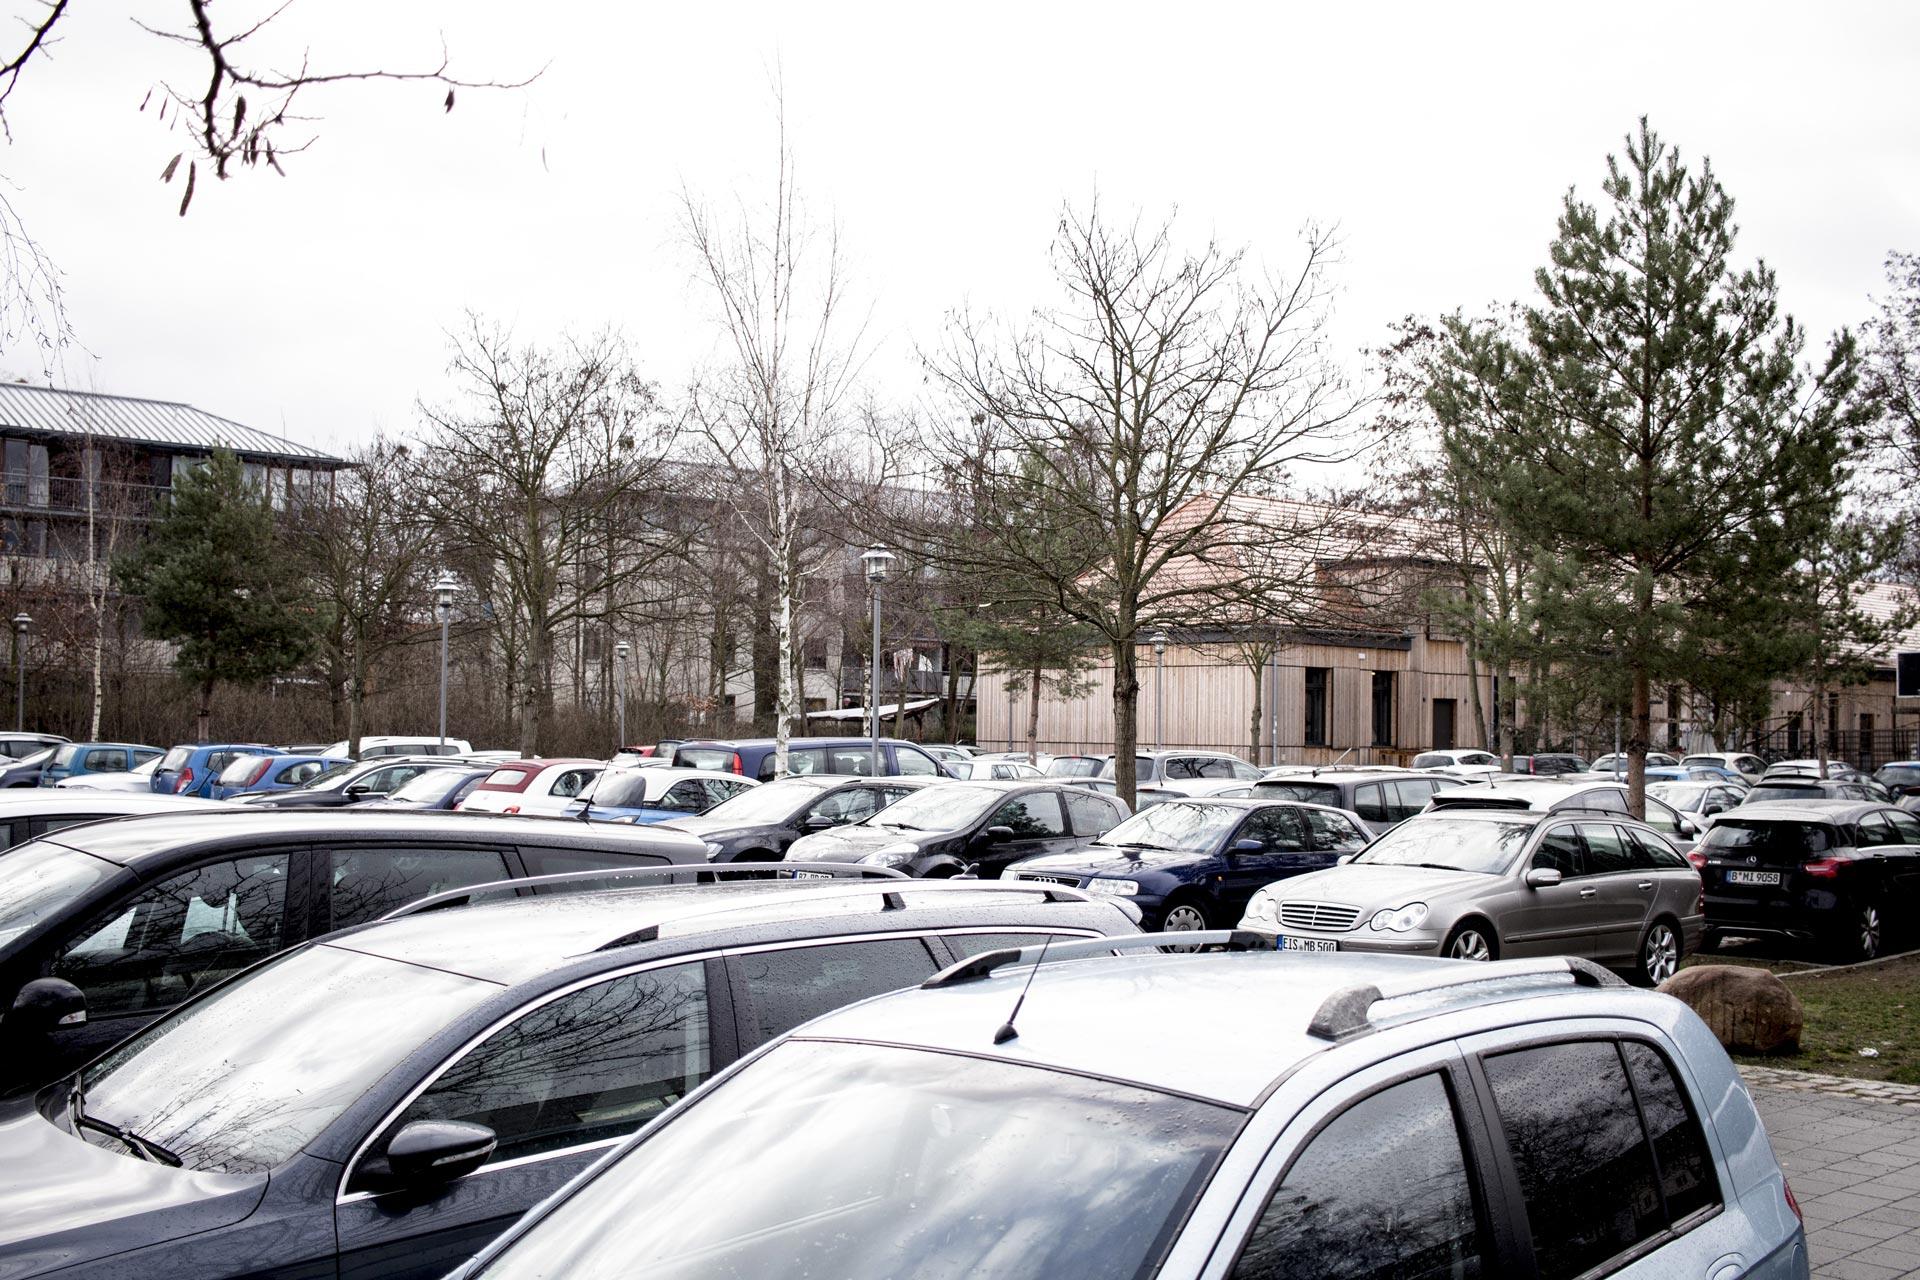 Ein Parkplatz voller Autos an der FH Potsdam